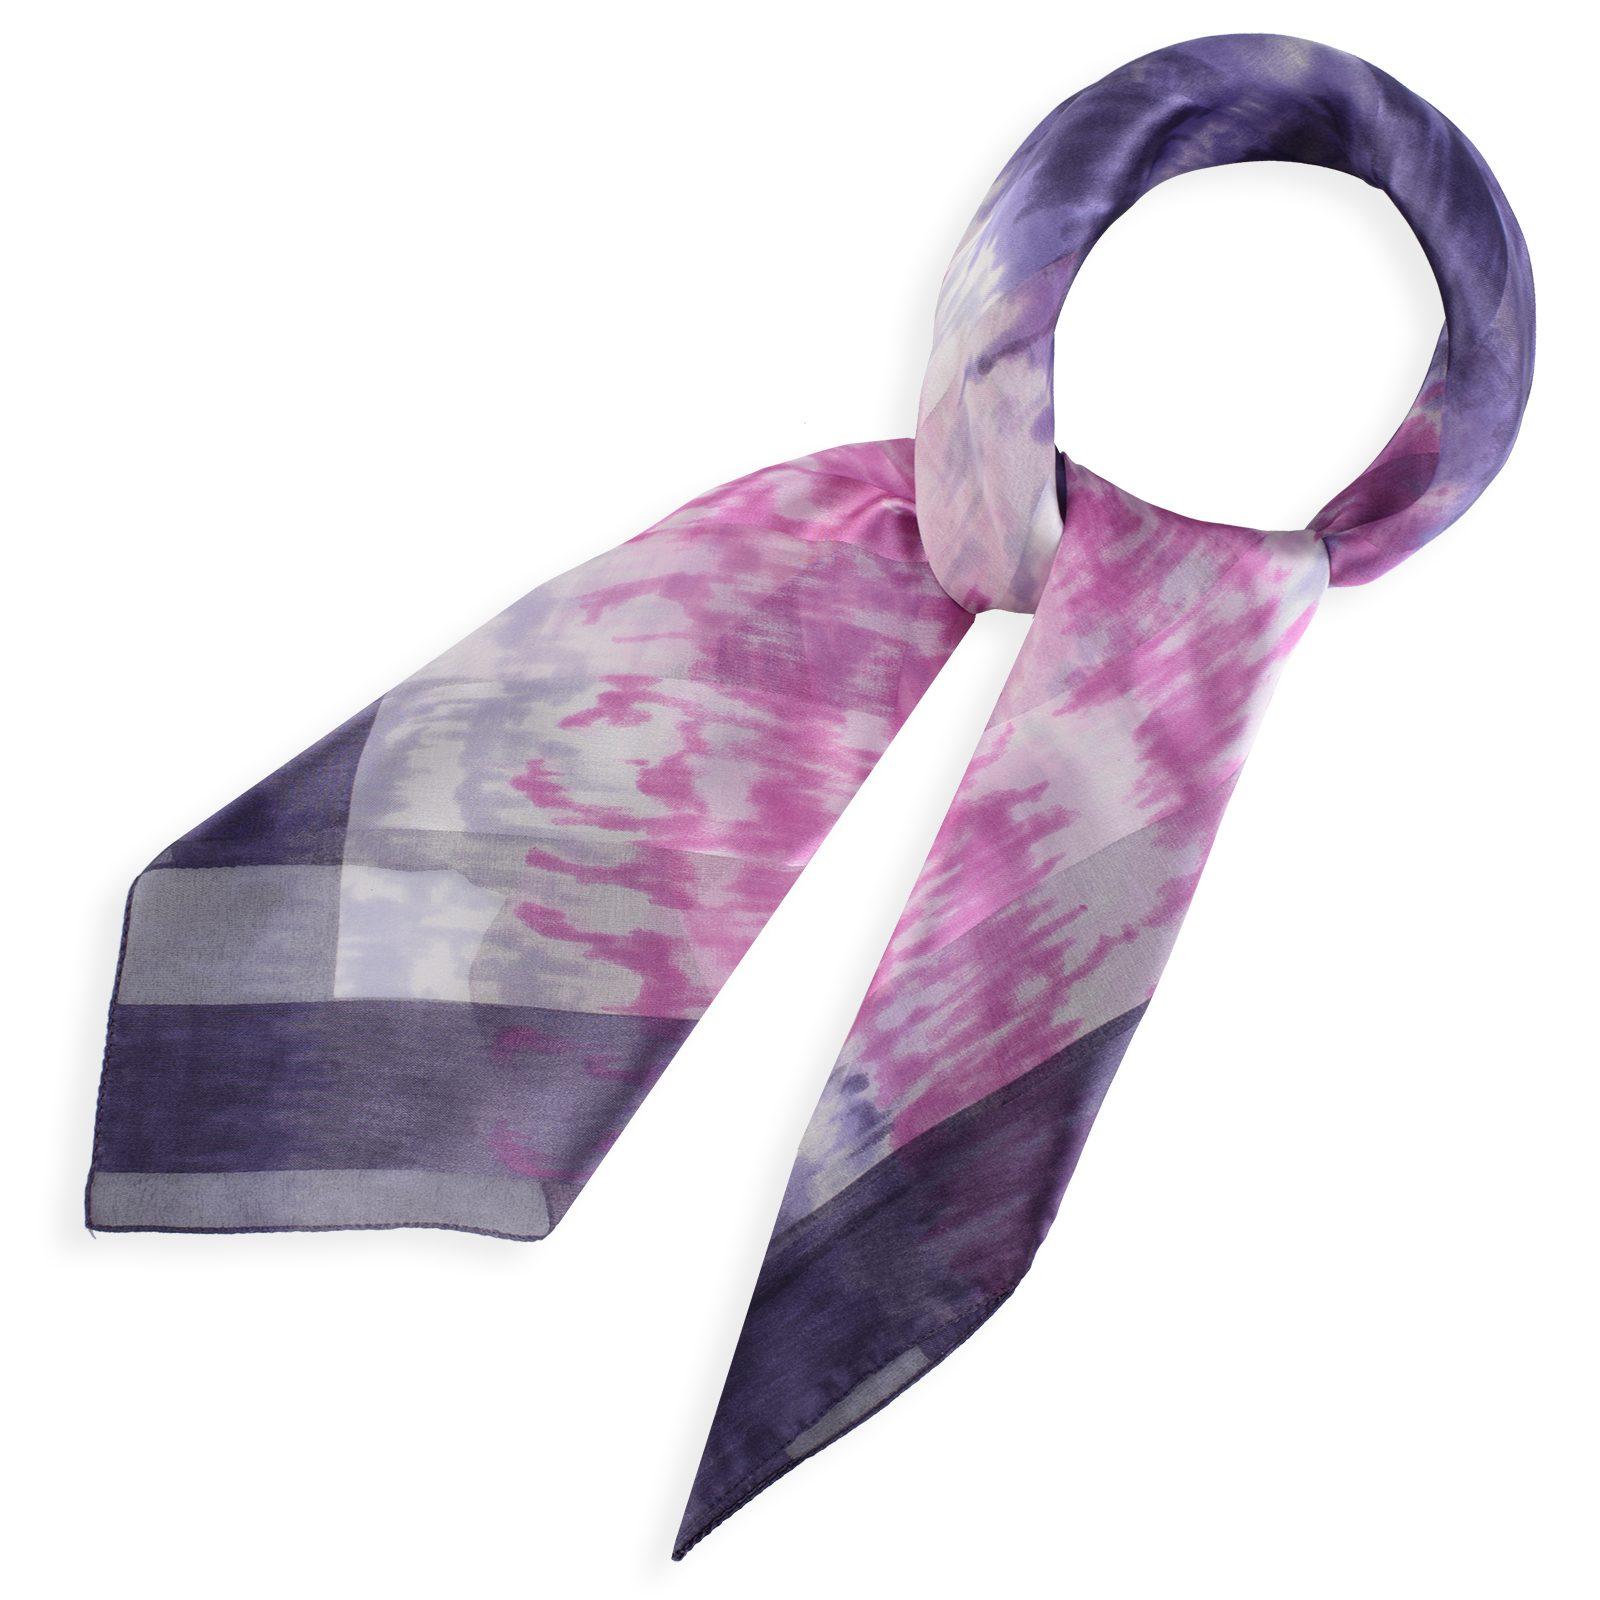 http://lookbook.allee-du-foulard.fr/wp-content/uploads/2018/11/AT-04399-F16-foulard-carre-mousseline-vagues-violet-1600x1600.jpg